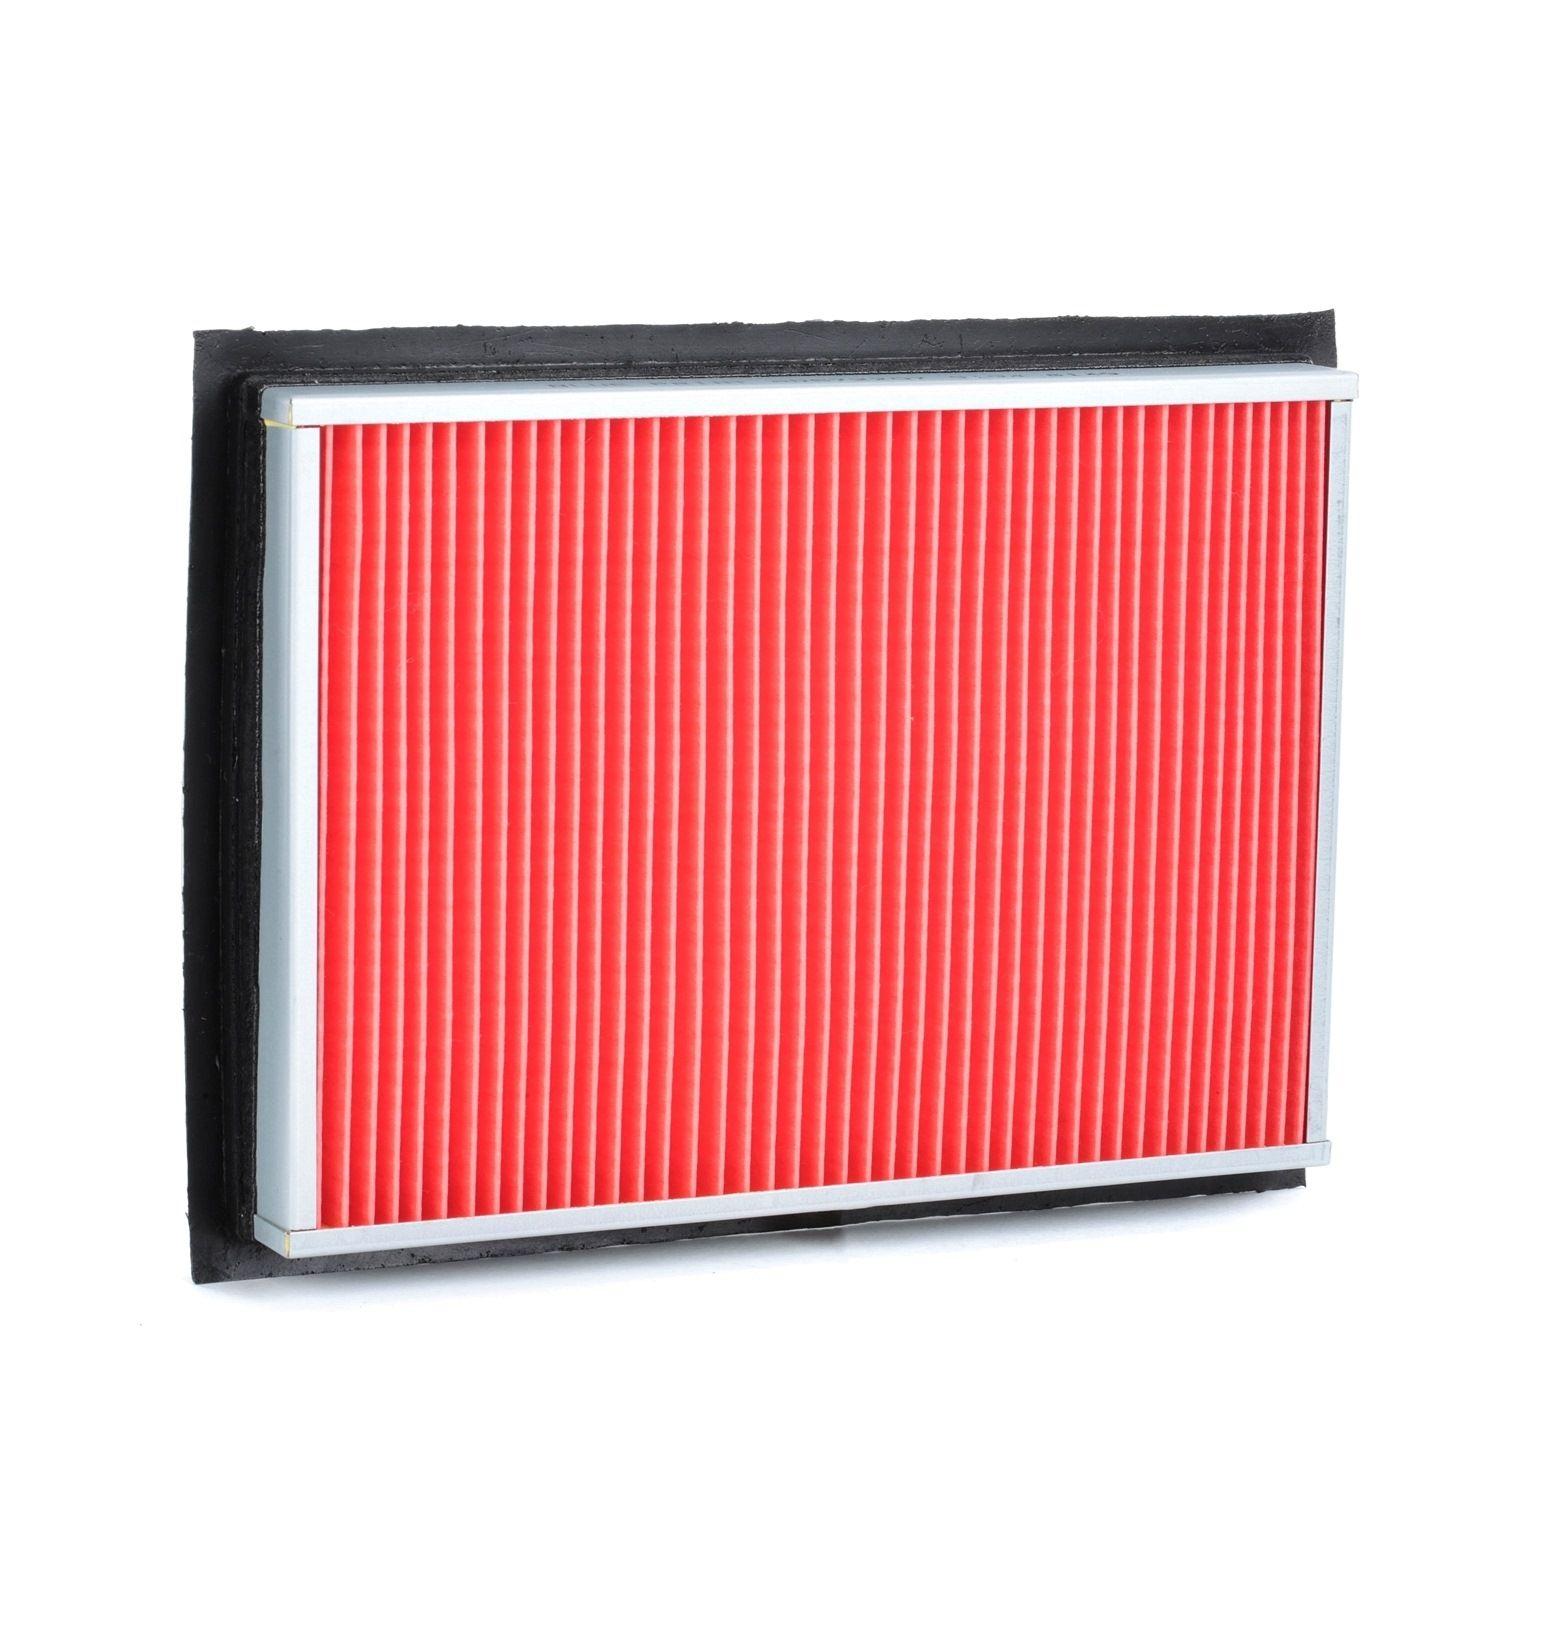 NISSAN ROGUE 2012 Filteranlage - Original BLUE PRINT ADS72207 Länge: 230mm, Länge: 230mm, Breite: 170,0mm, Höhe: 35mm